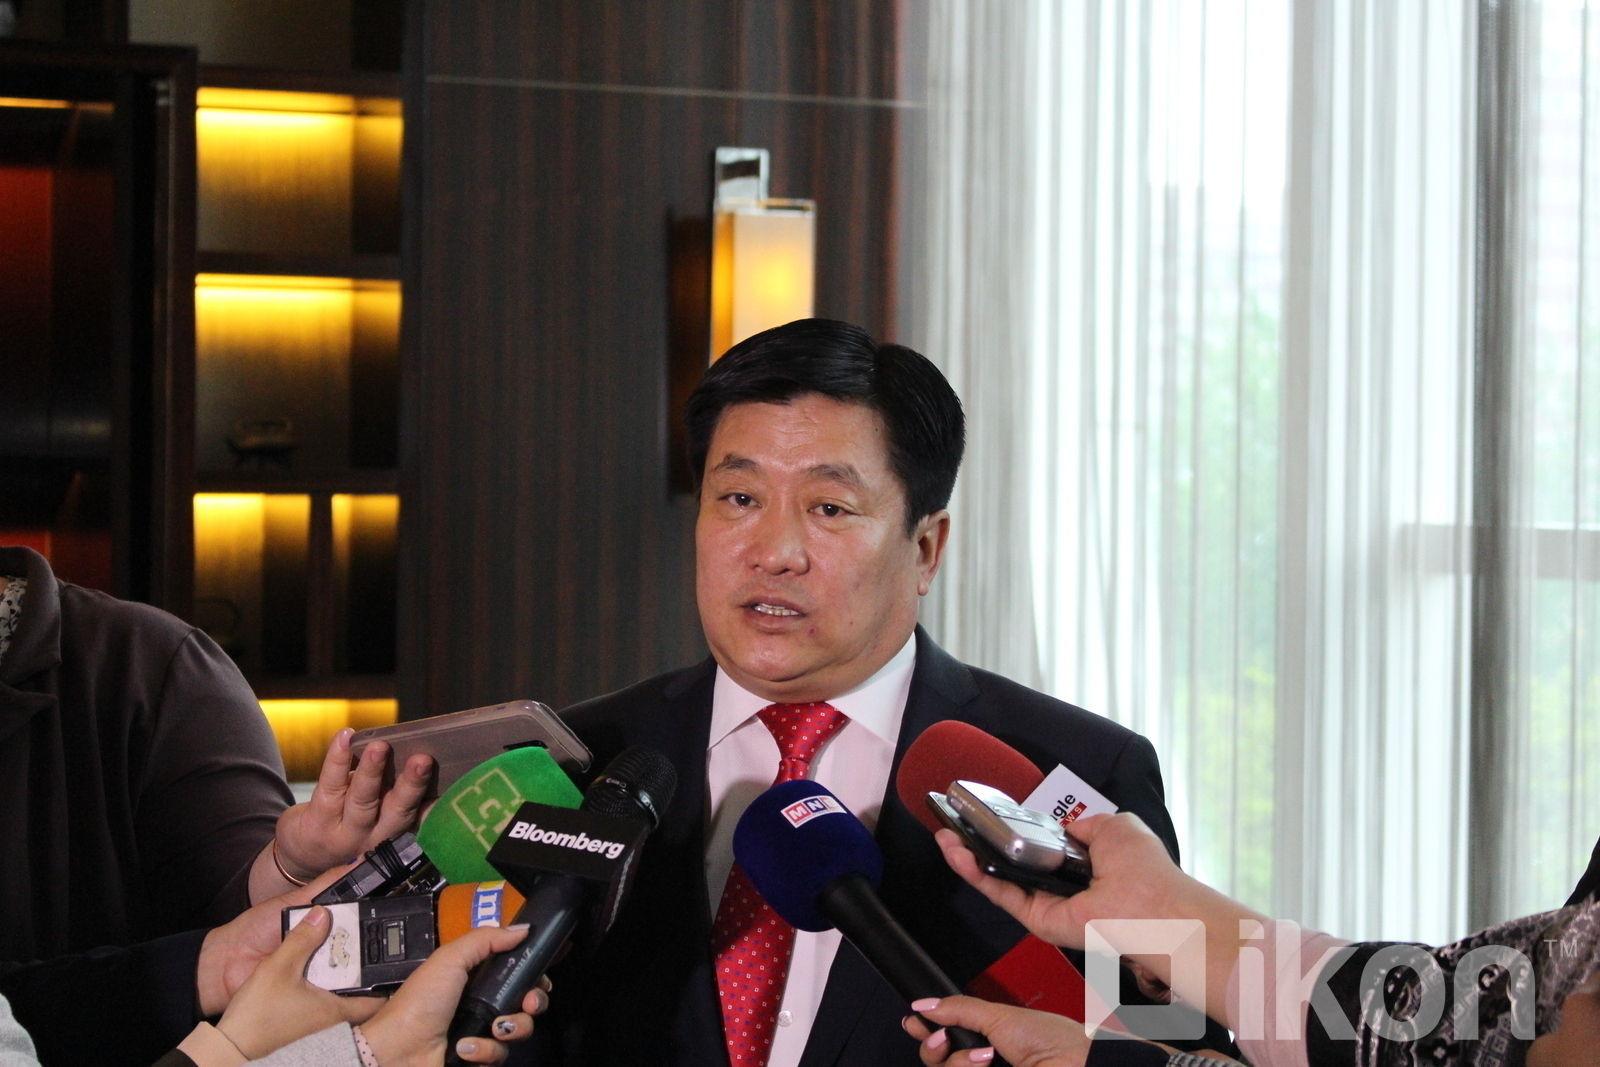 Б.Энх-Амгалан: Транзит тээврийн тарифыг 50 хувь хөнгөлнө гэдгээ Хятадын тал бичгээр мэдэгдсэн